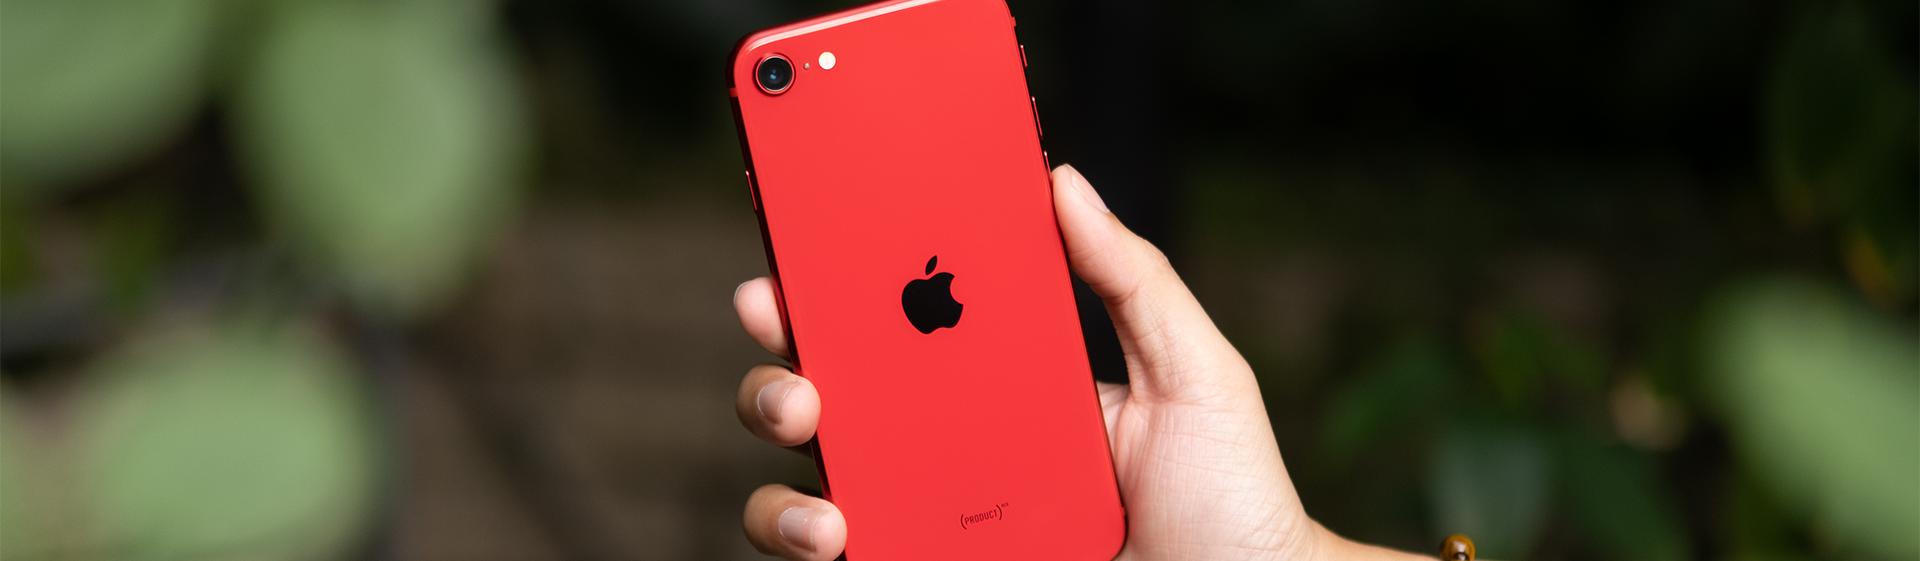 iPhone barato: as melhores opções para comprar em 2021